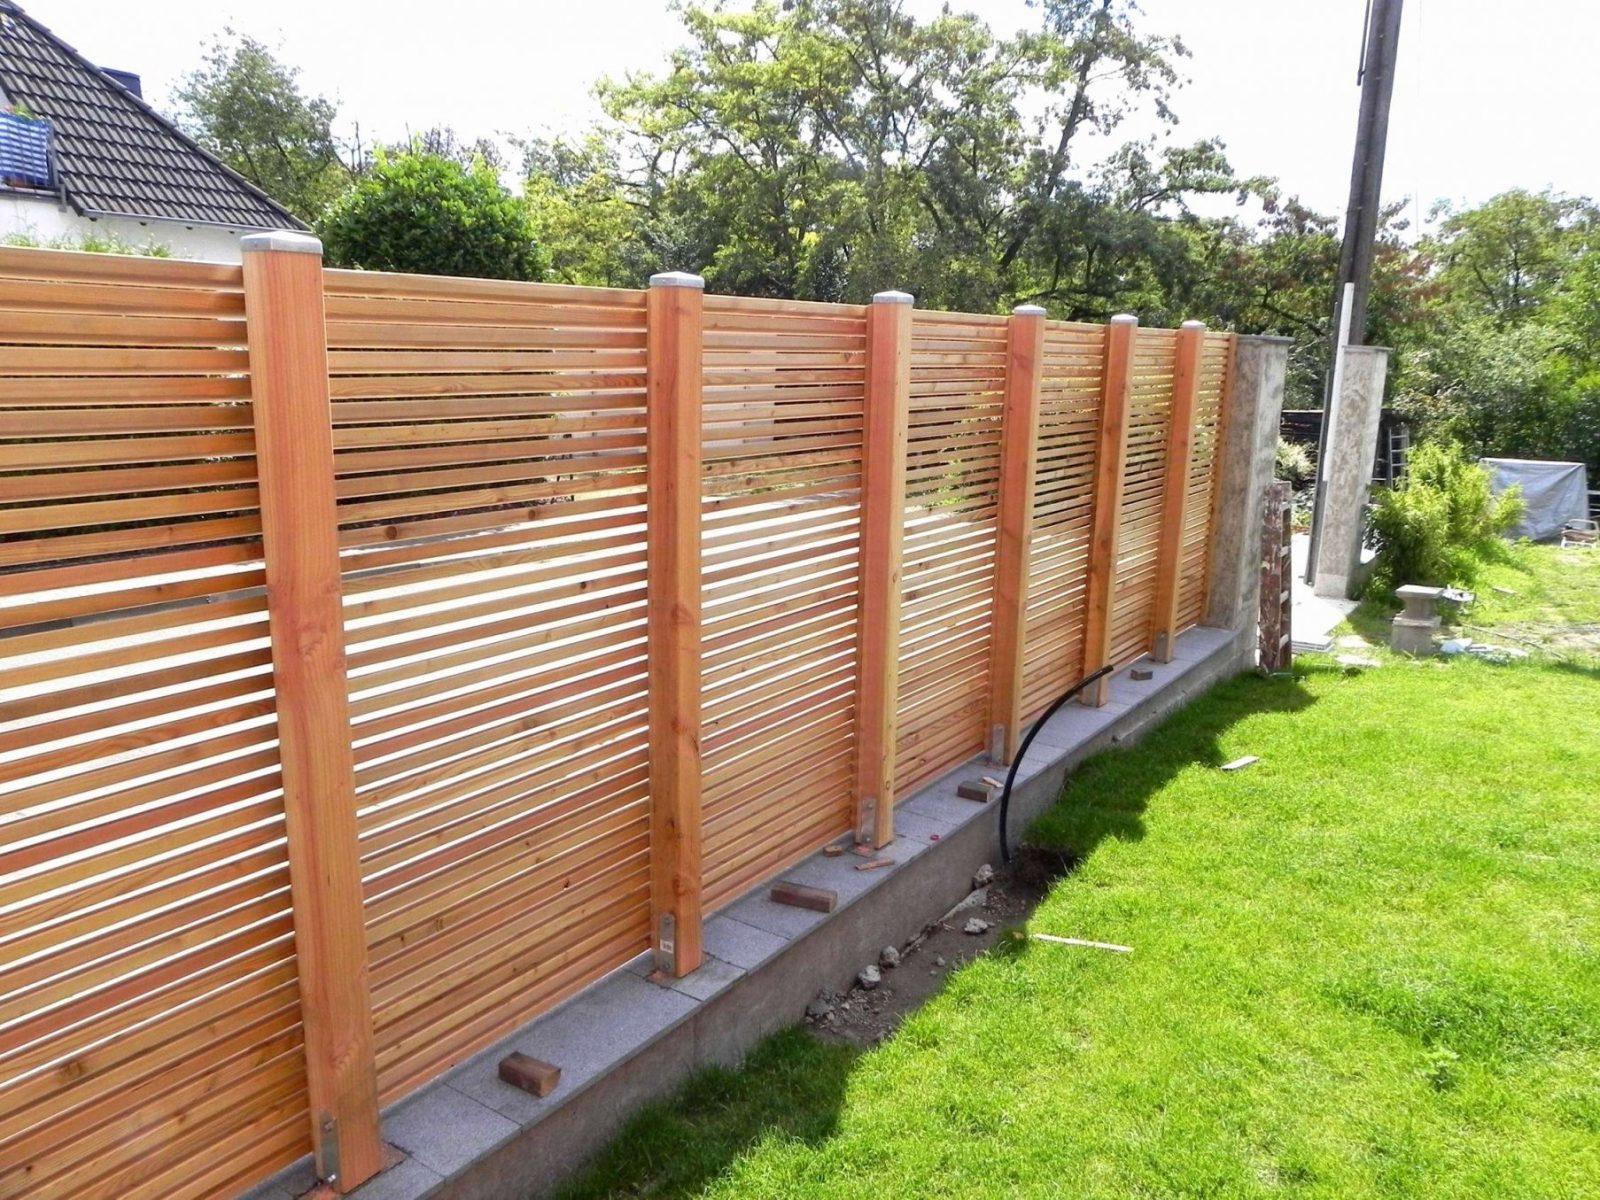 Zaun Selber Bauen Top Gartentor Holz Selber Bauen Vorteilhaft von Gartentor Holz Selber Bauen Photo